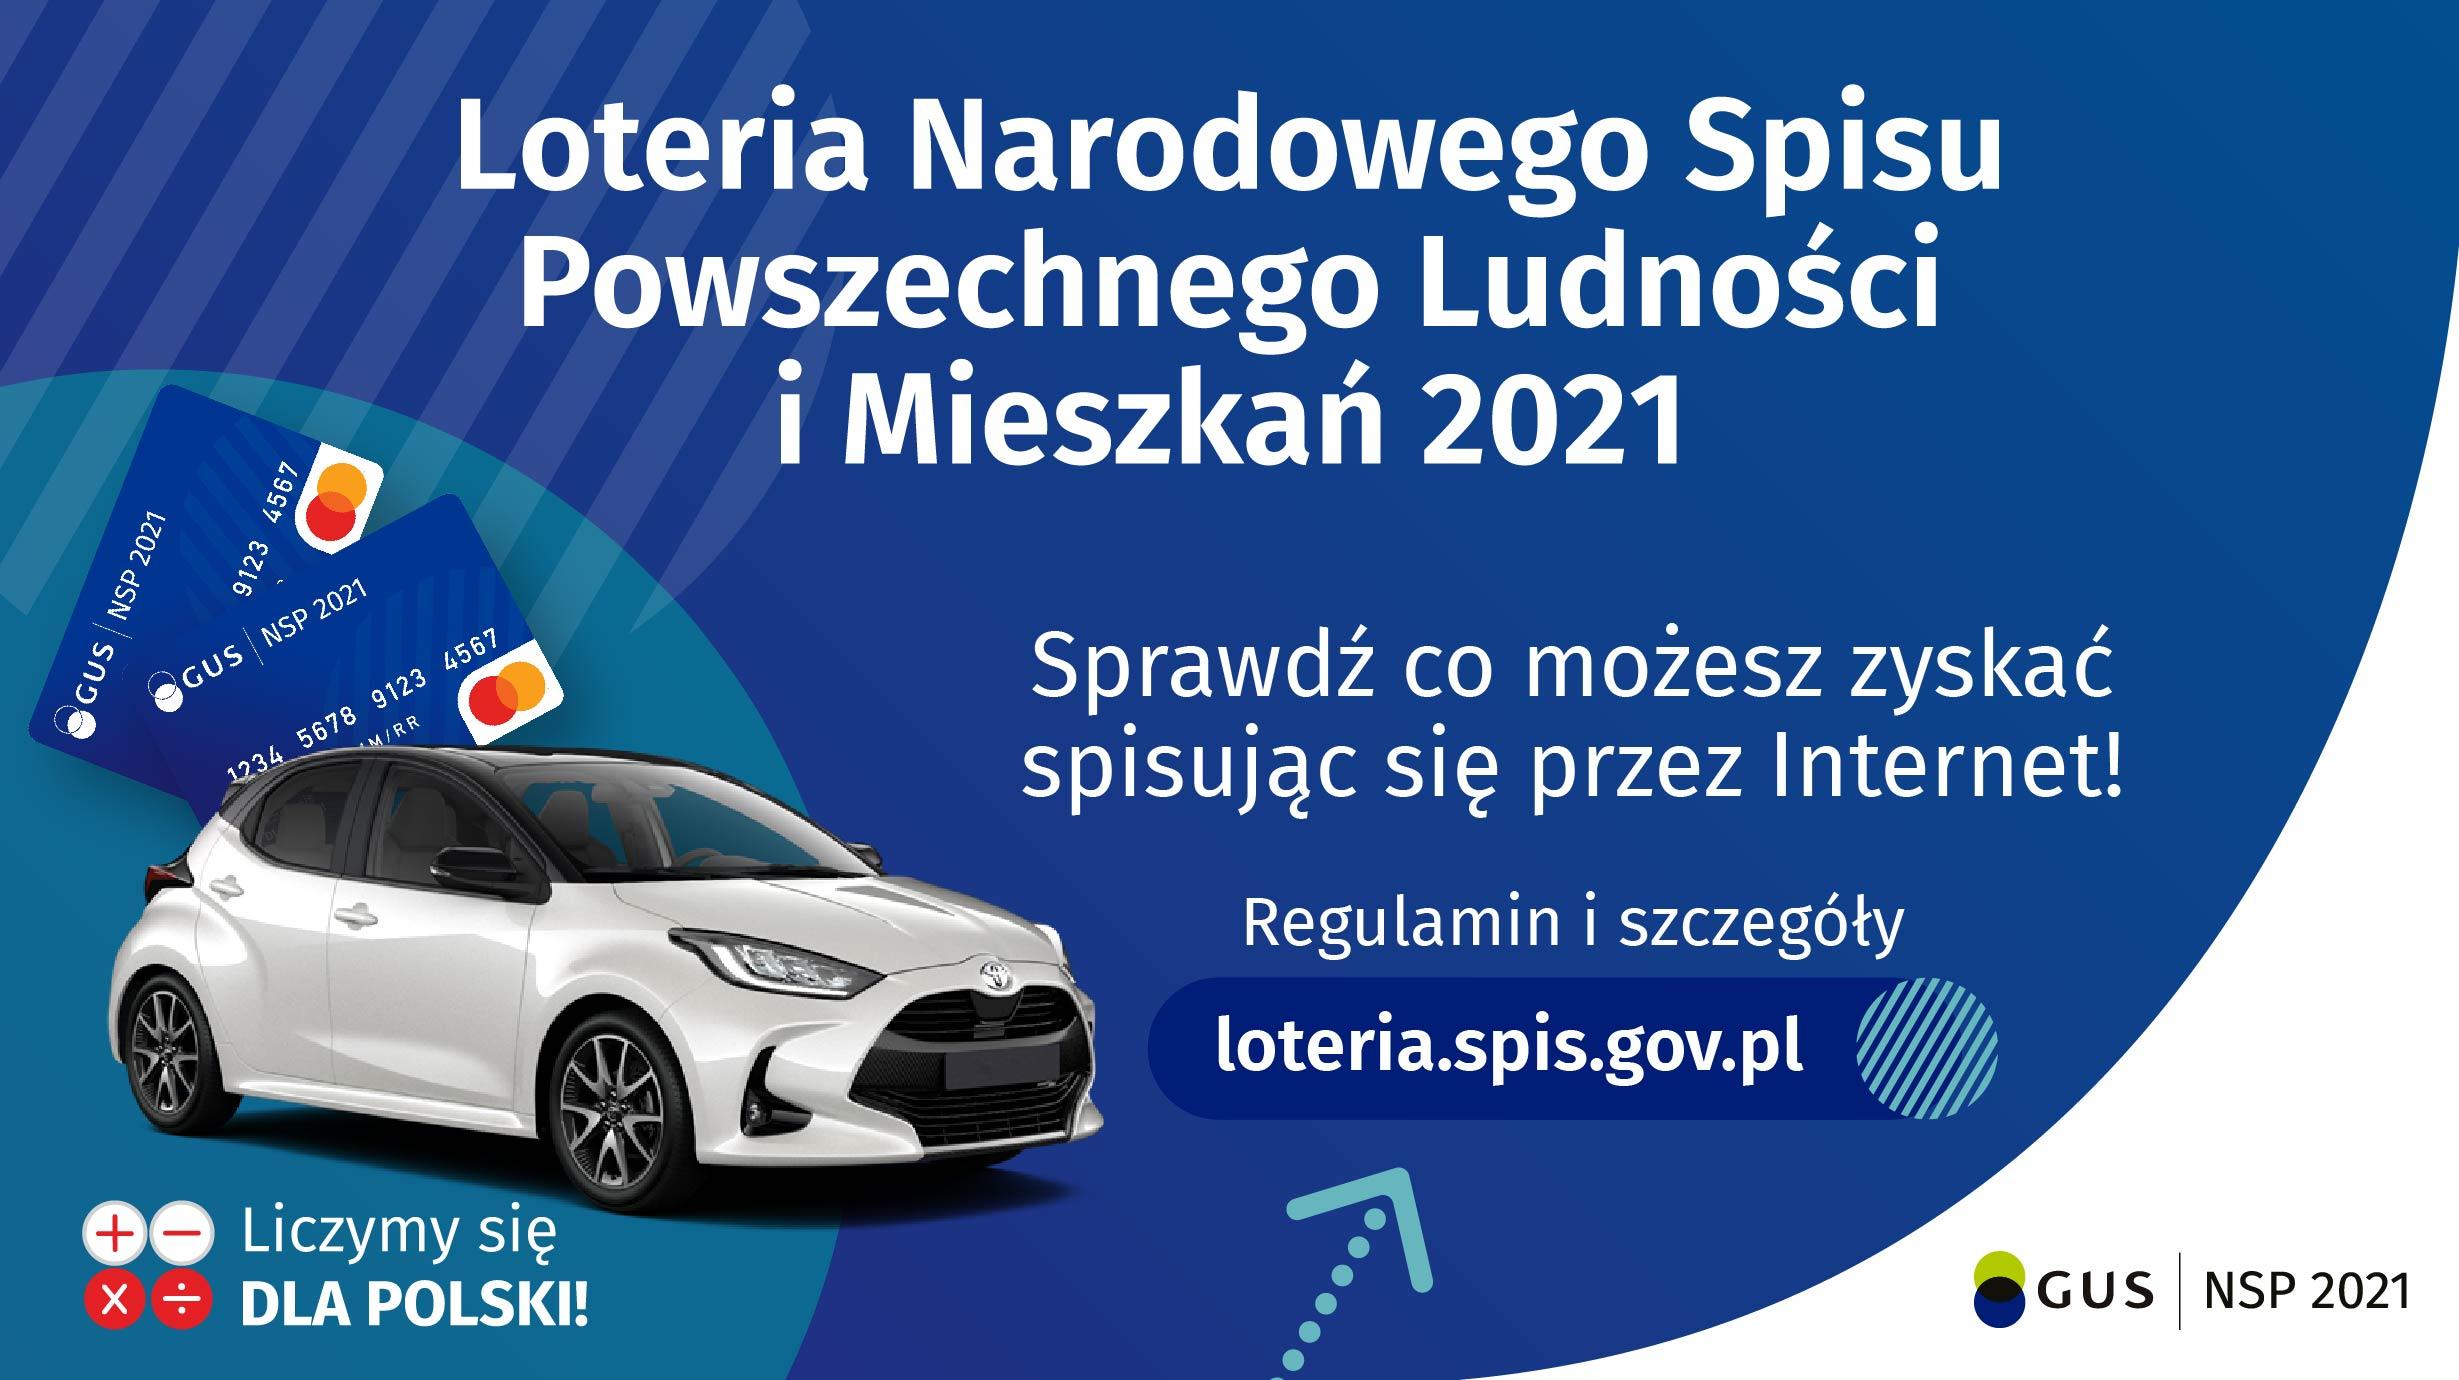 Informacje o loterii Narodowego Spisu Powszechnego 2021